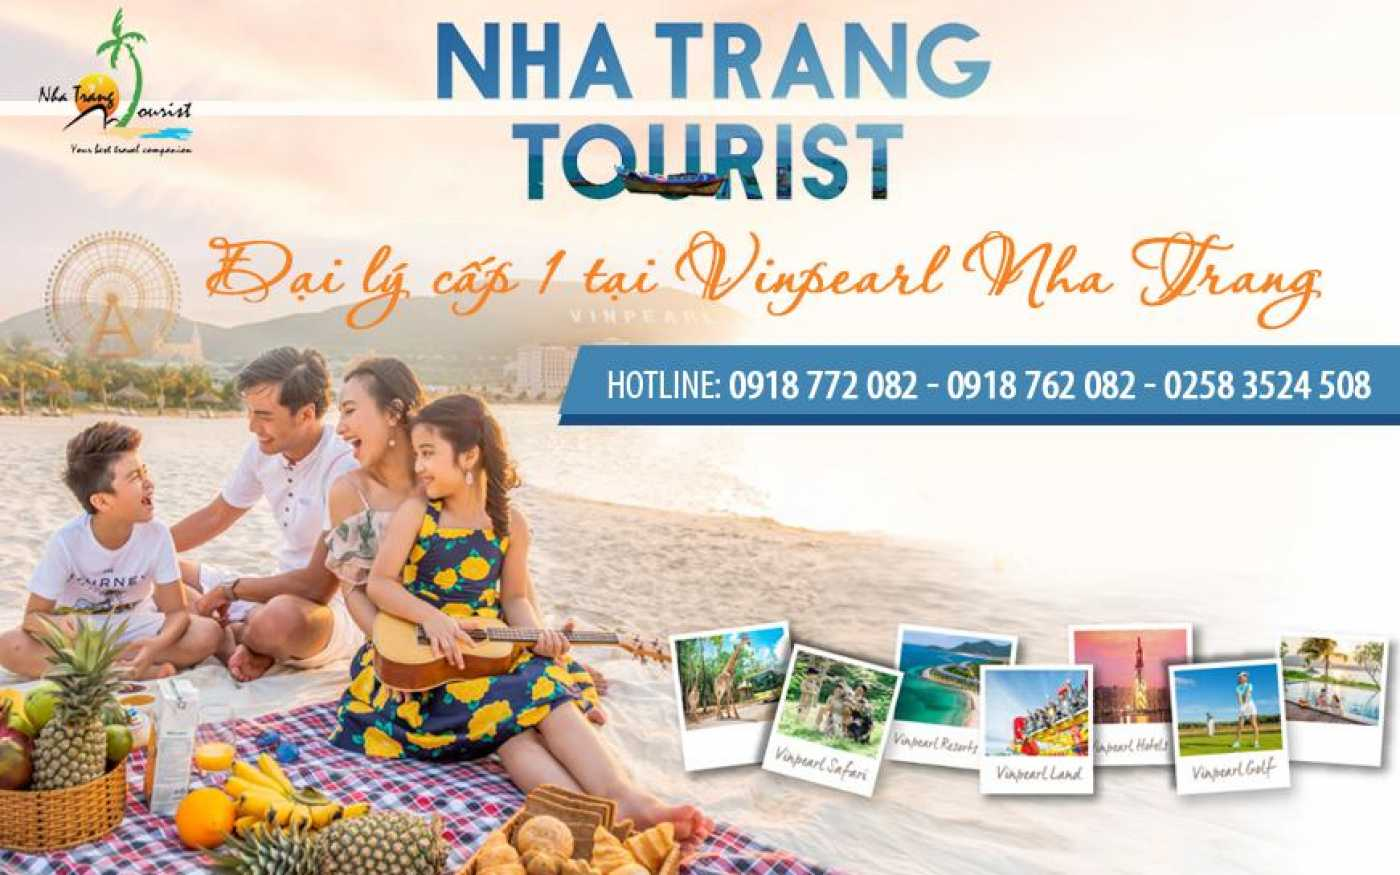 Đặt phòng Vinpearl Nha Trang tại đại lý NhaTrangTourist ...